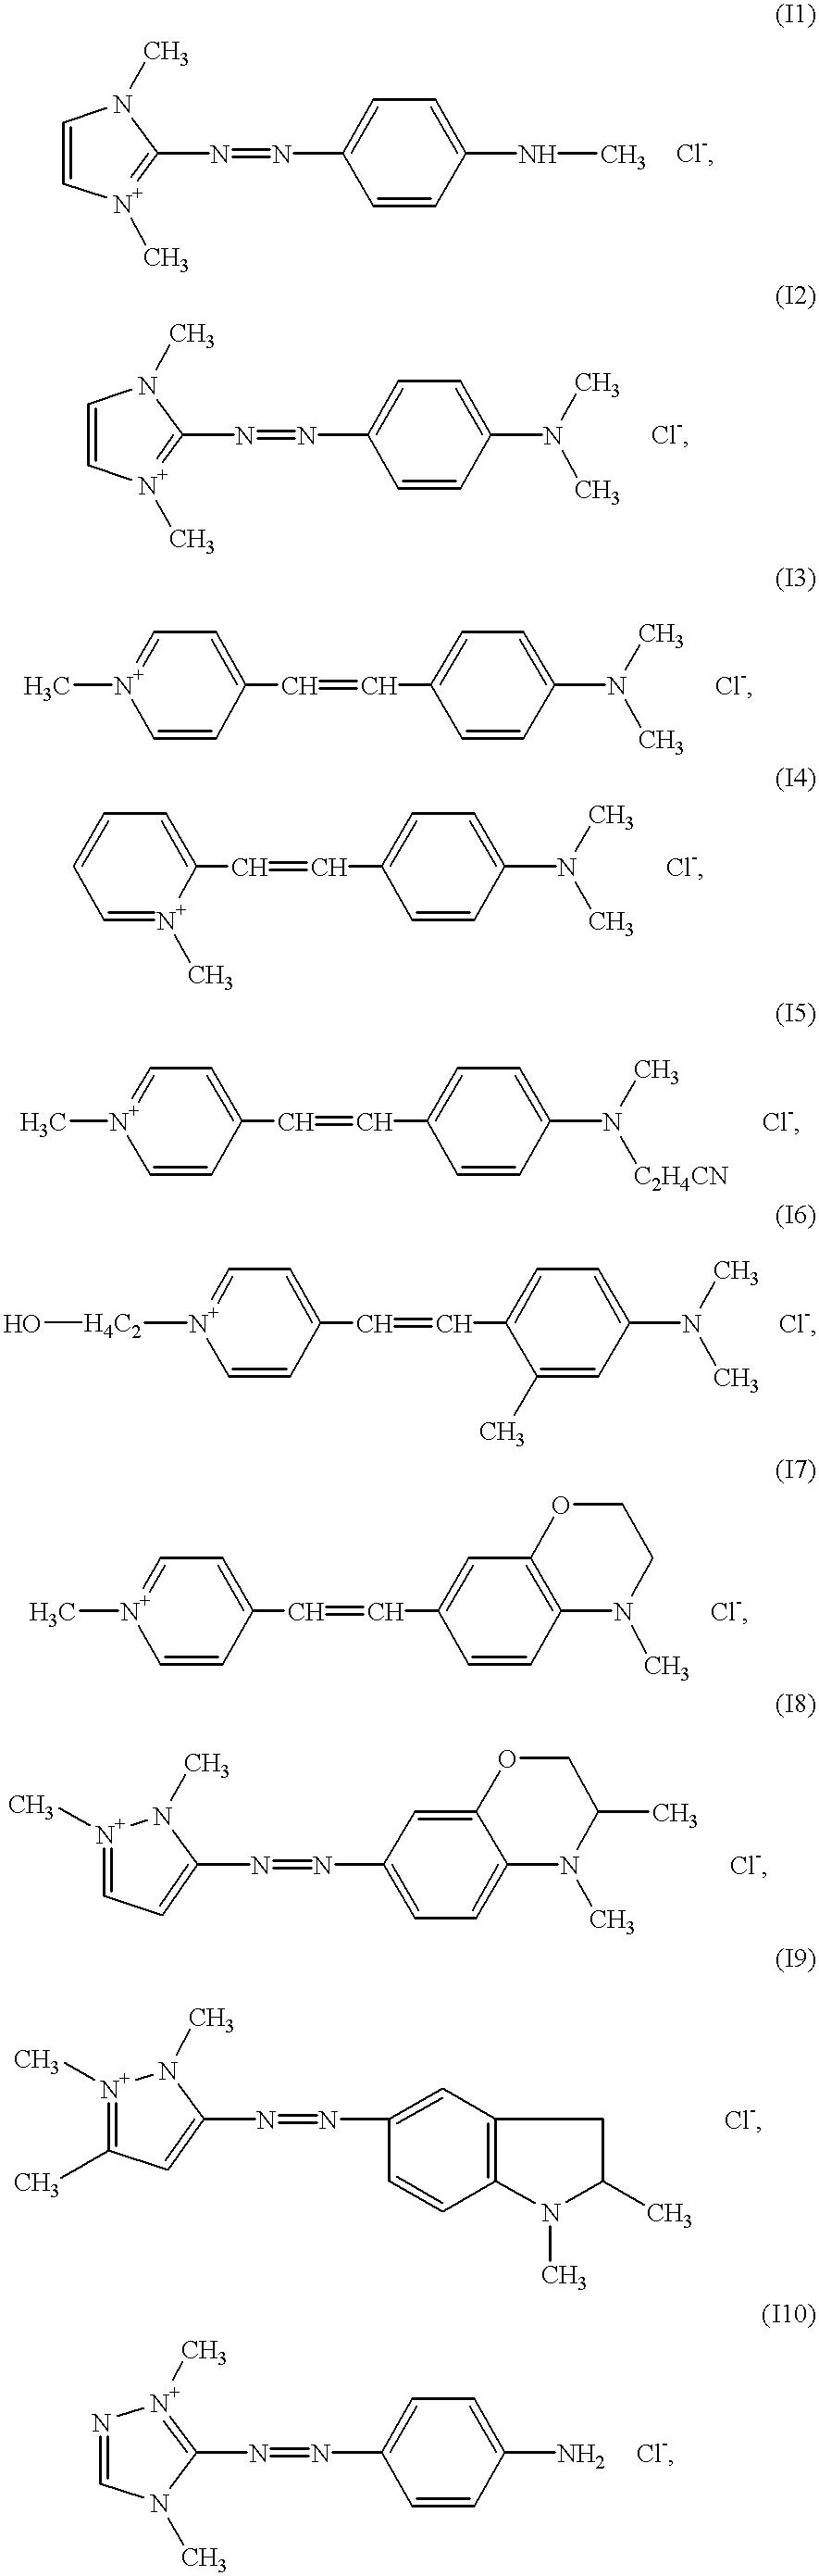 Figure US20020046432A1-20020425-C00029